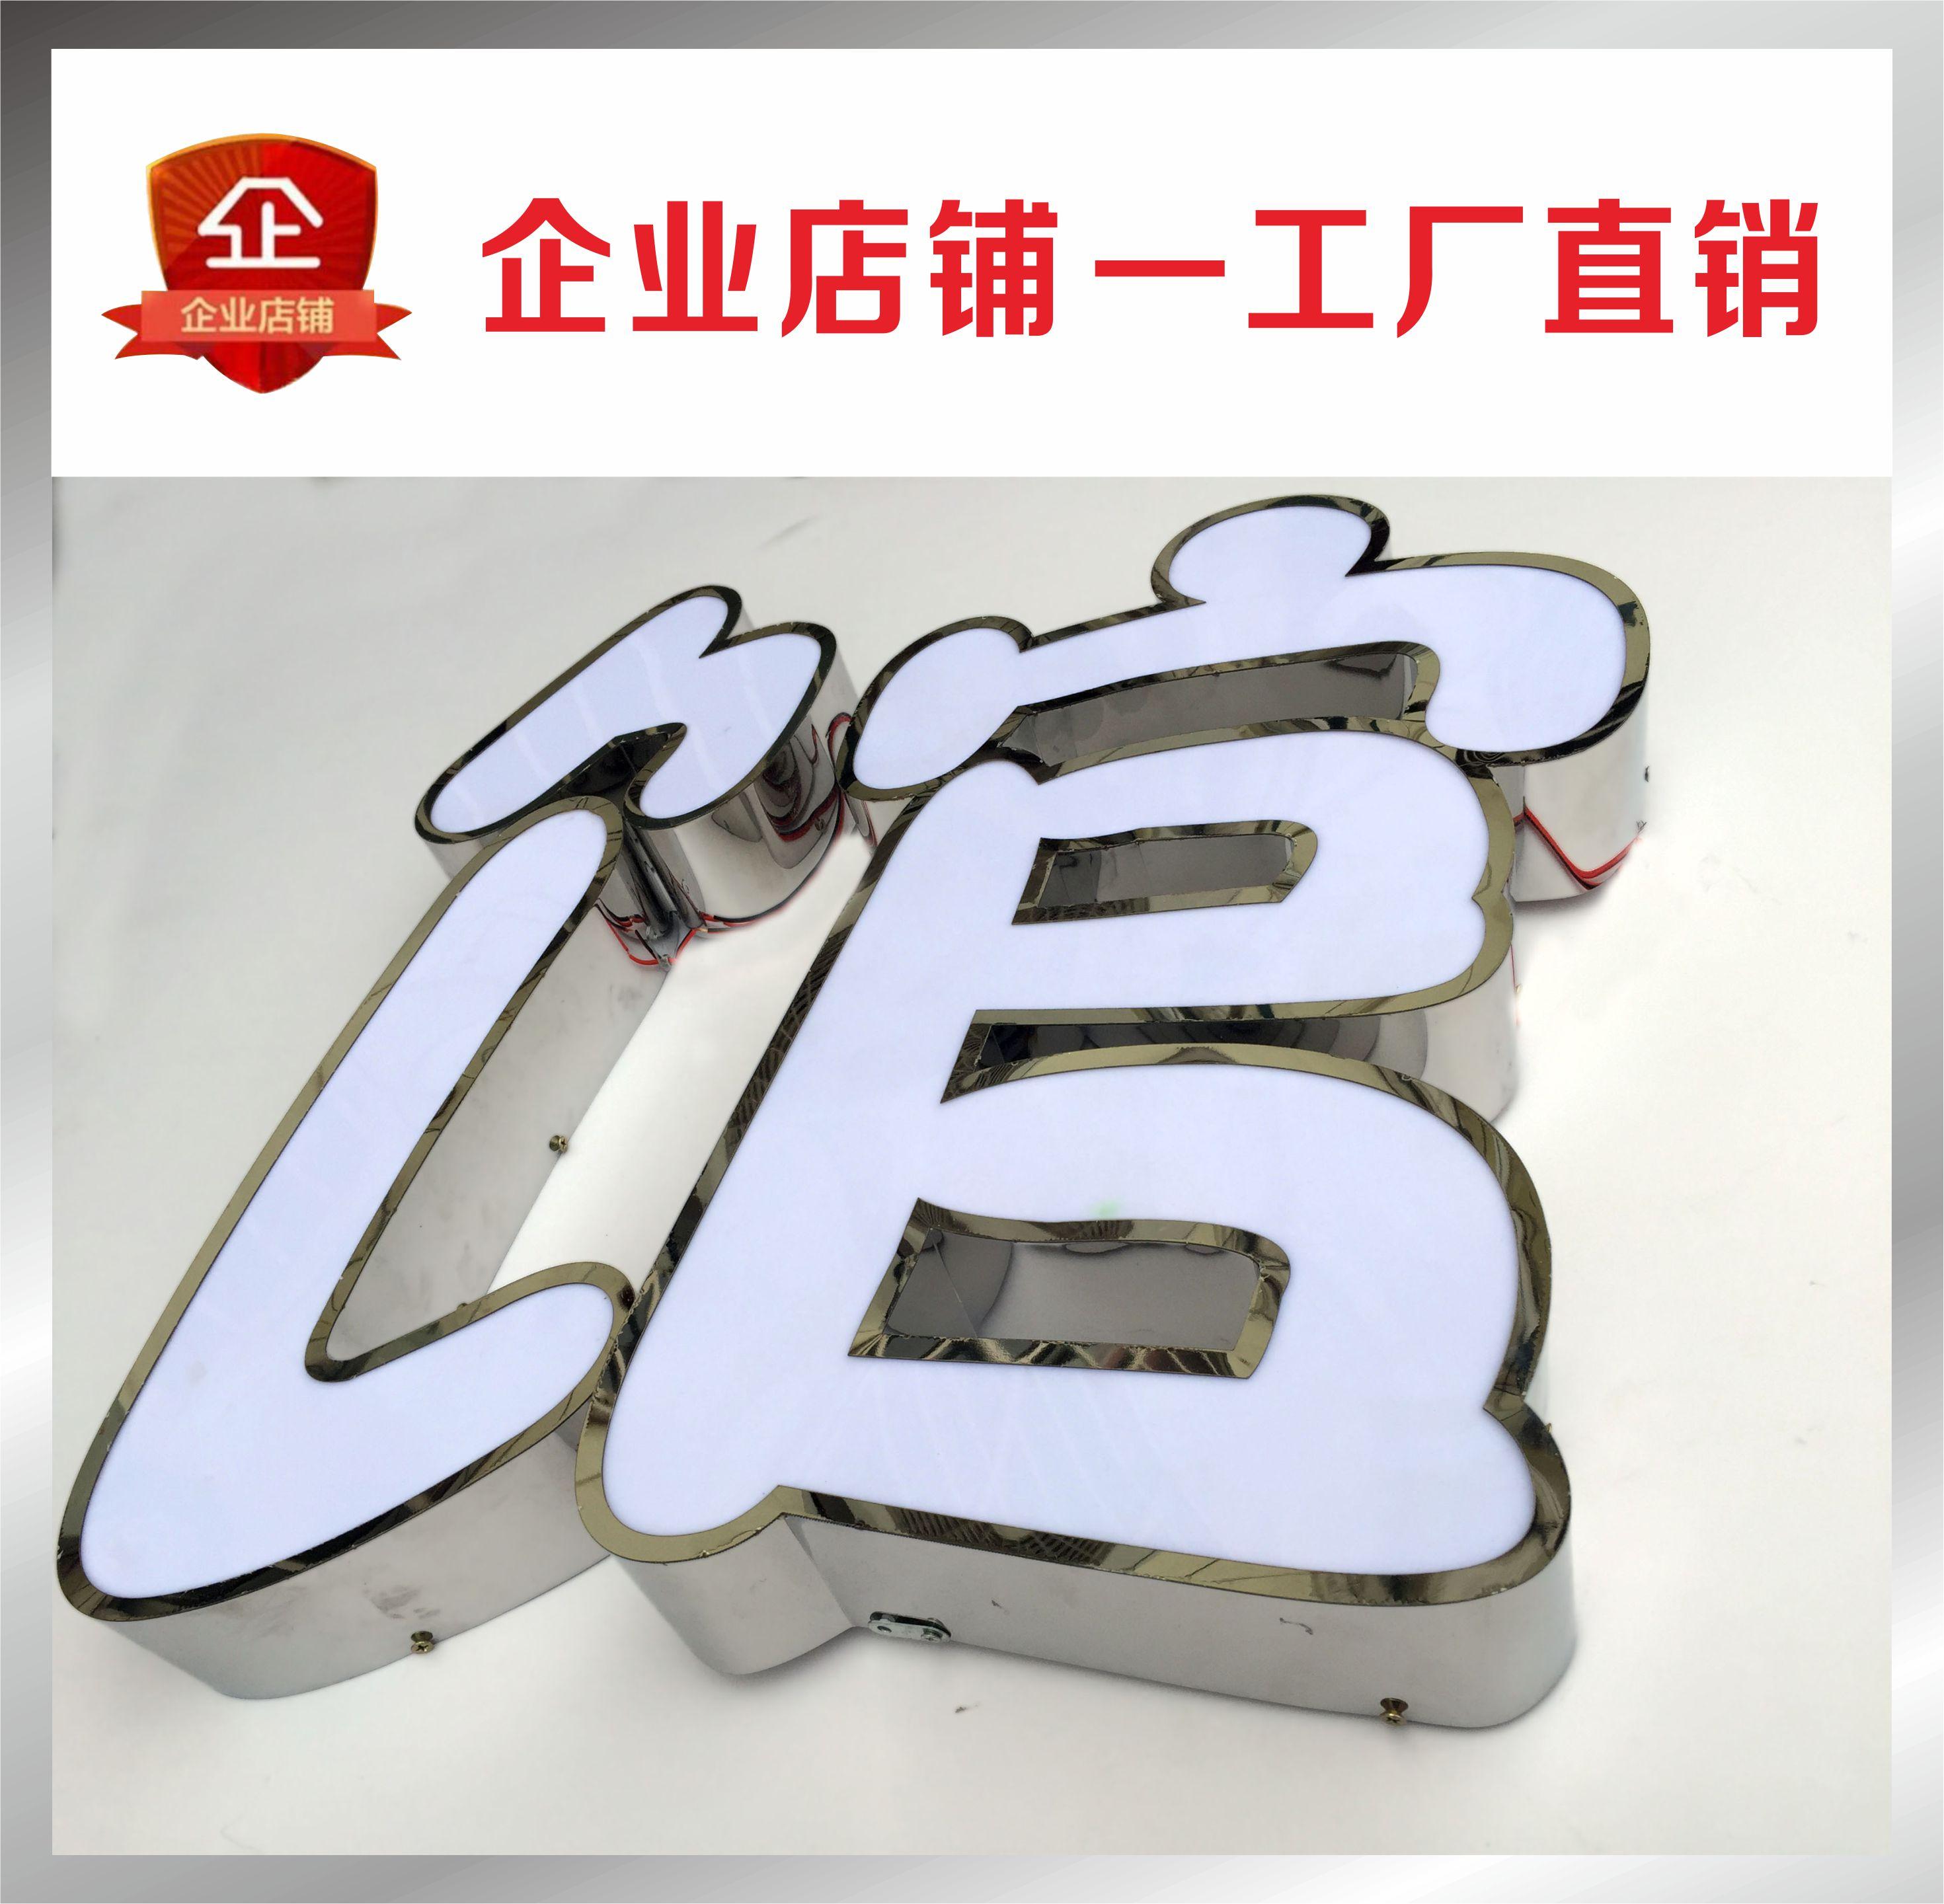 制作户外广告牌树脂字定做门头亚克力不锈钢发光字吸塑招牌led灯